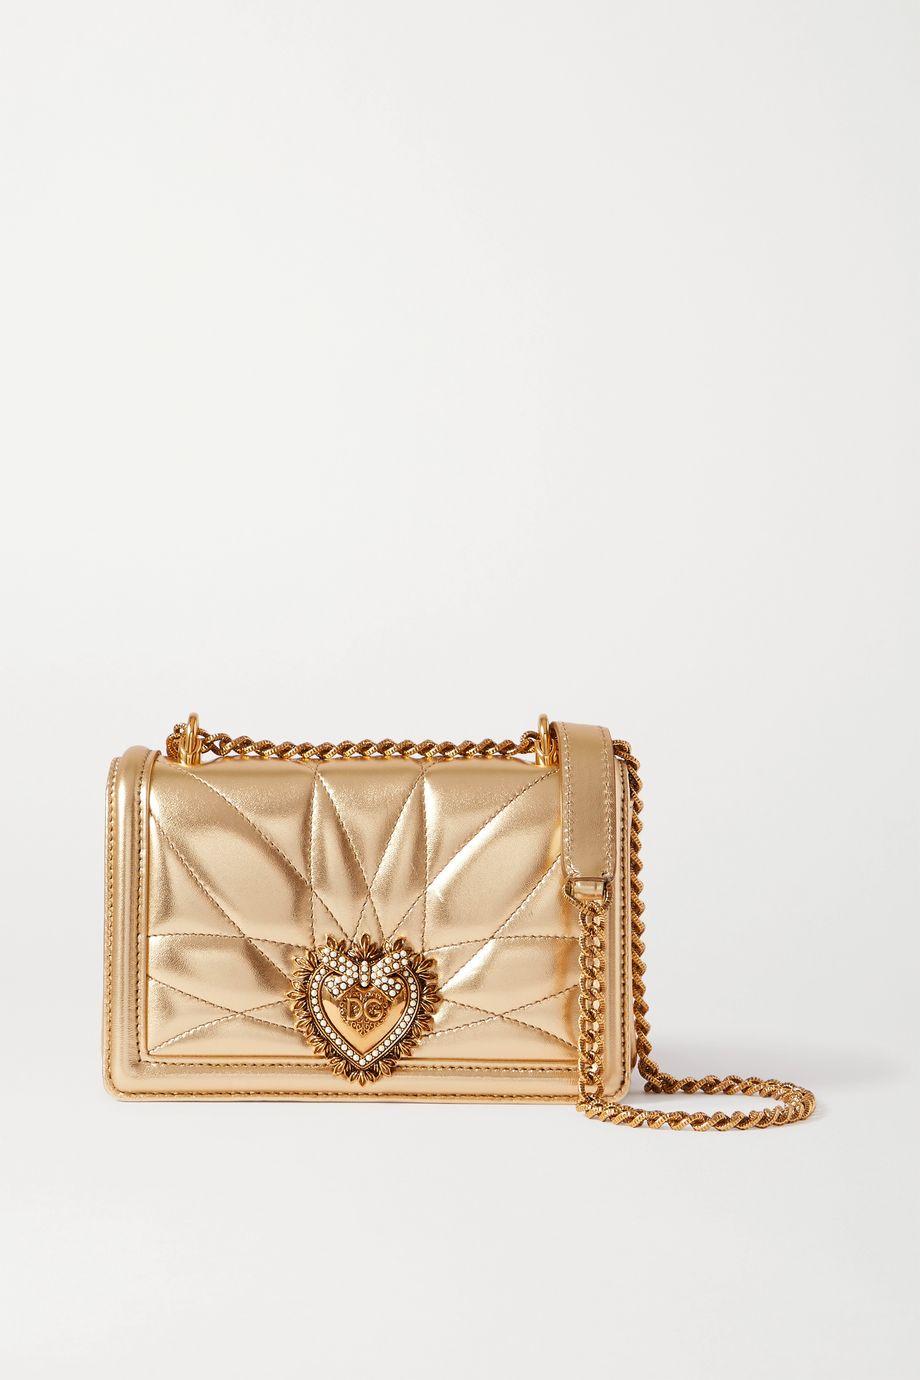 Dolce & Gabbana Devotion mini embellished quilted metallic leather shoulder bag